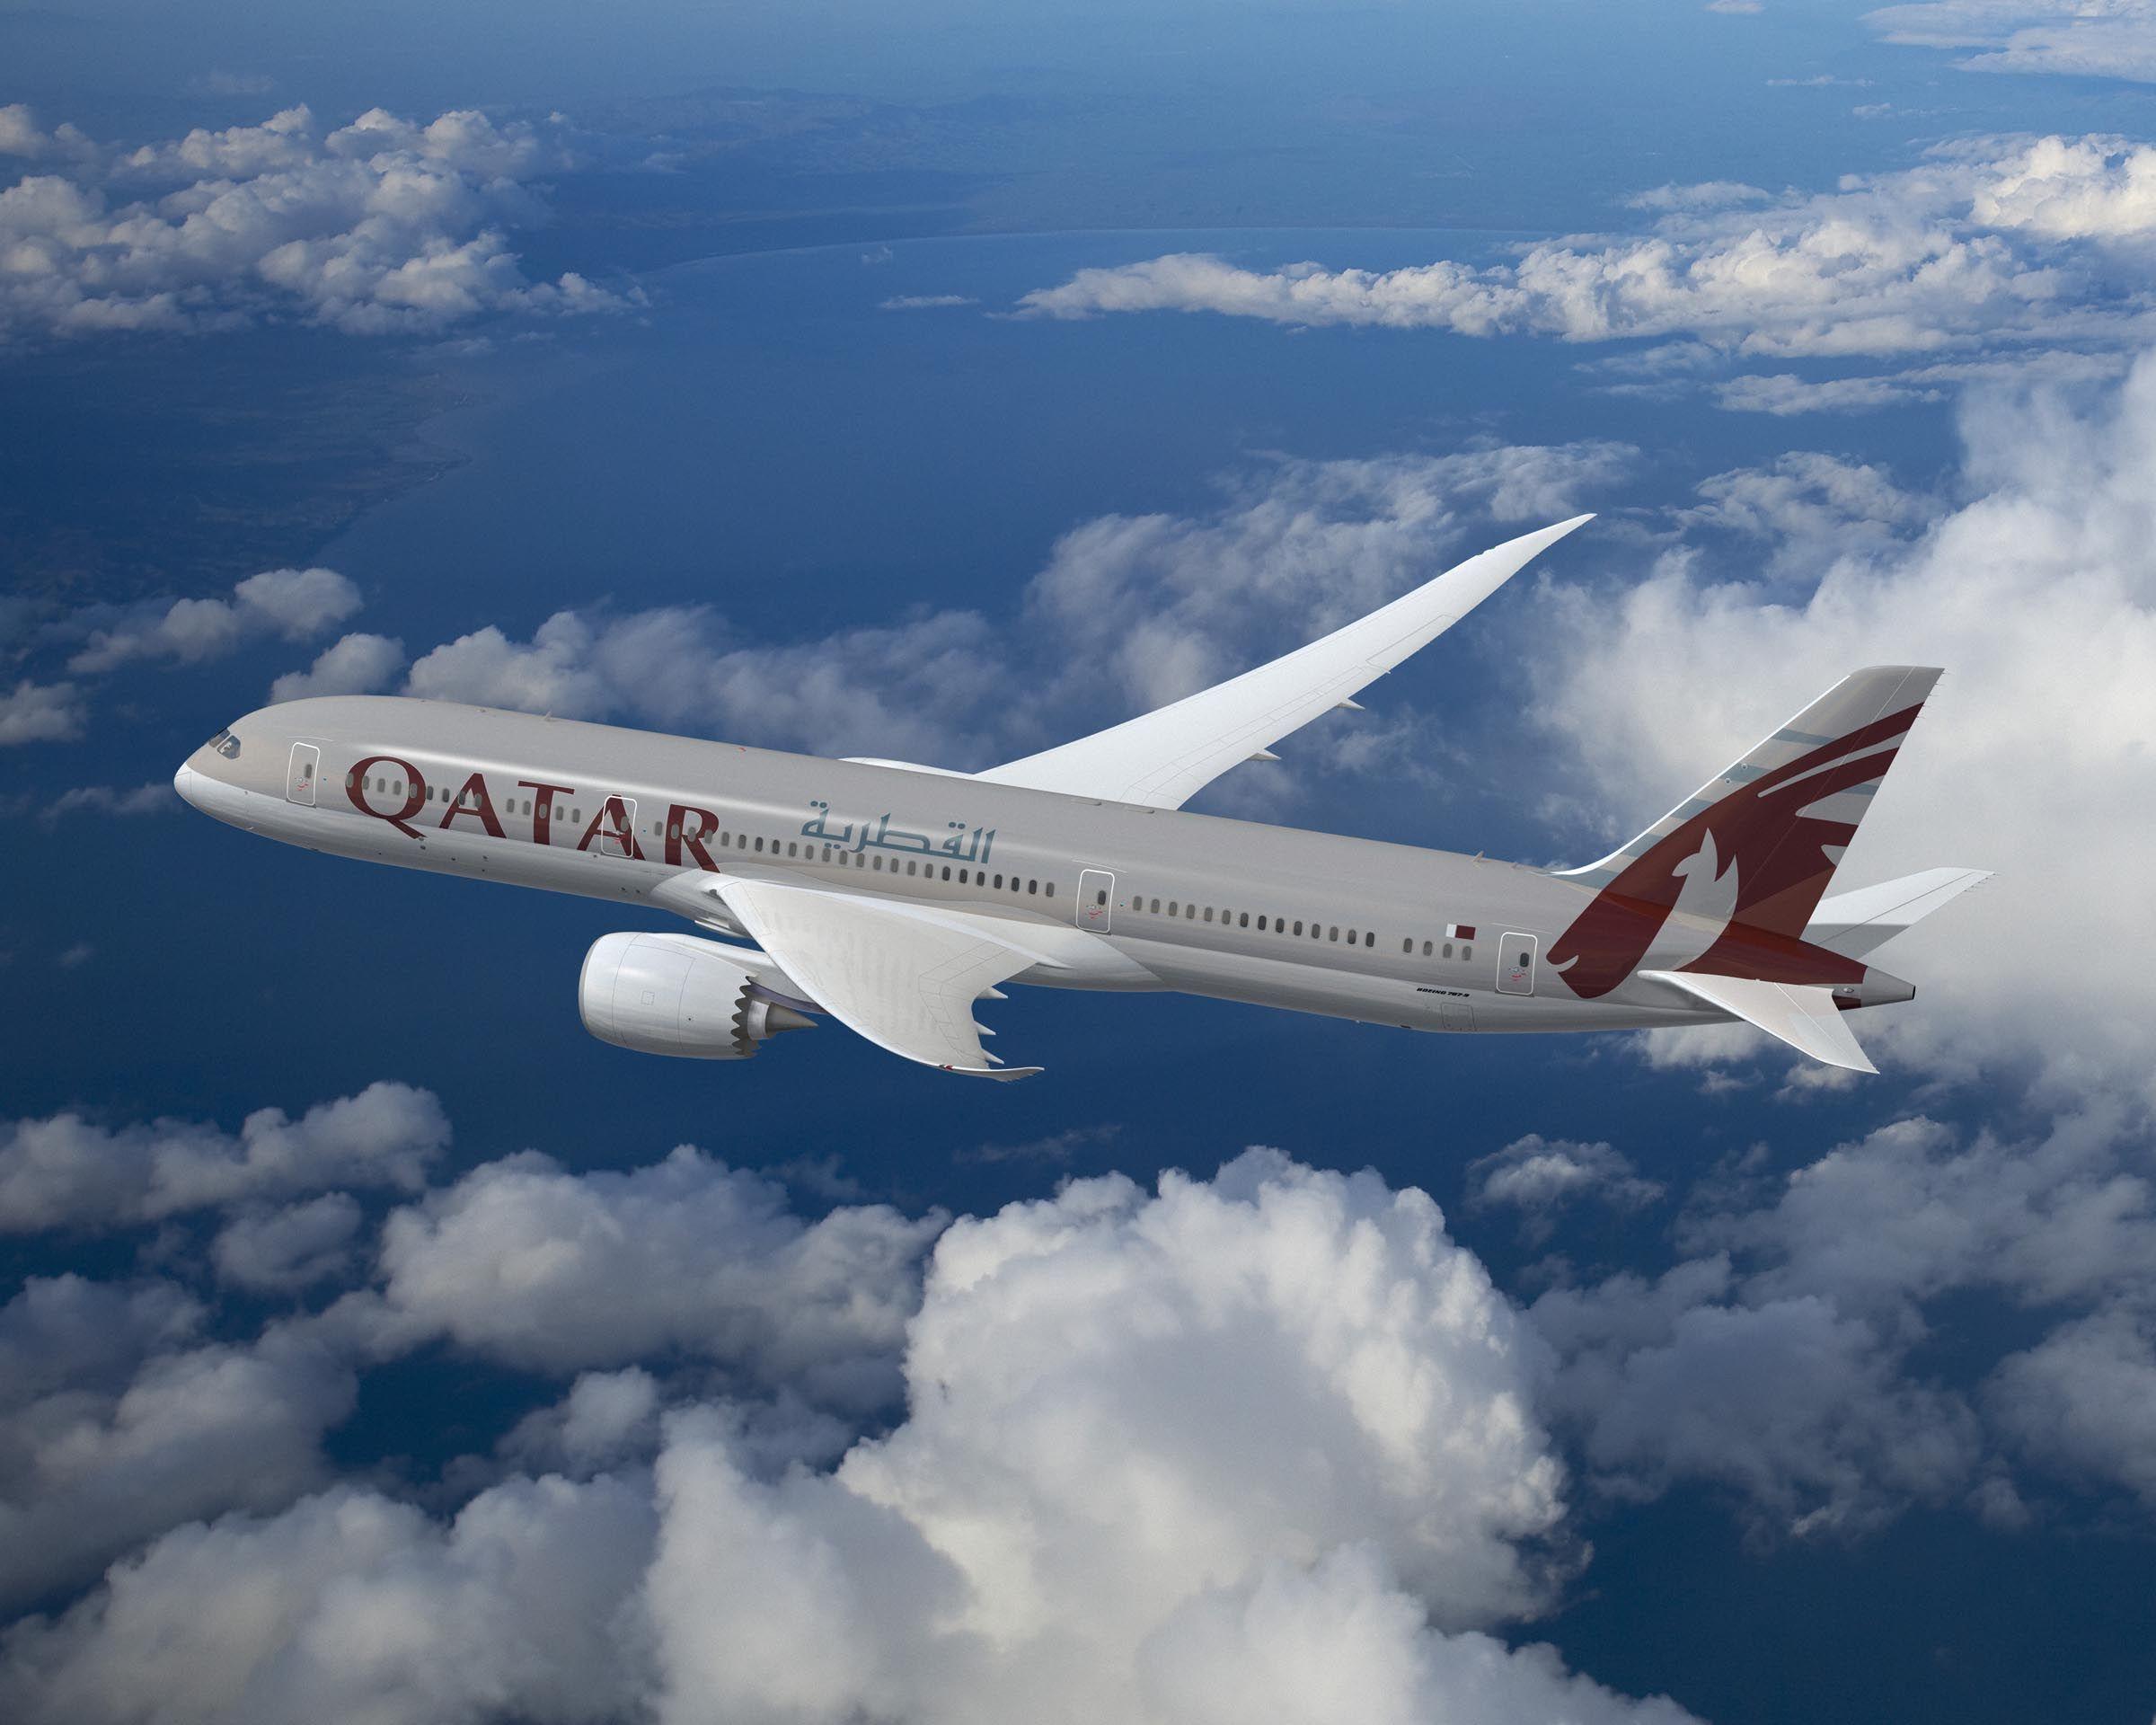 Qatar Airways Boeing 787900. Qatar Airways is the first